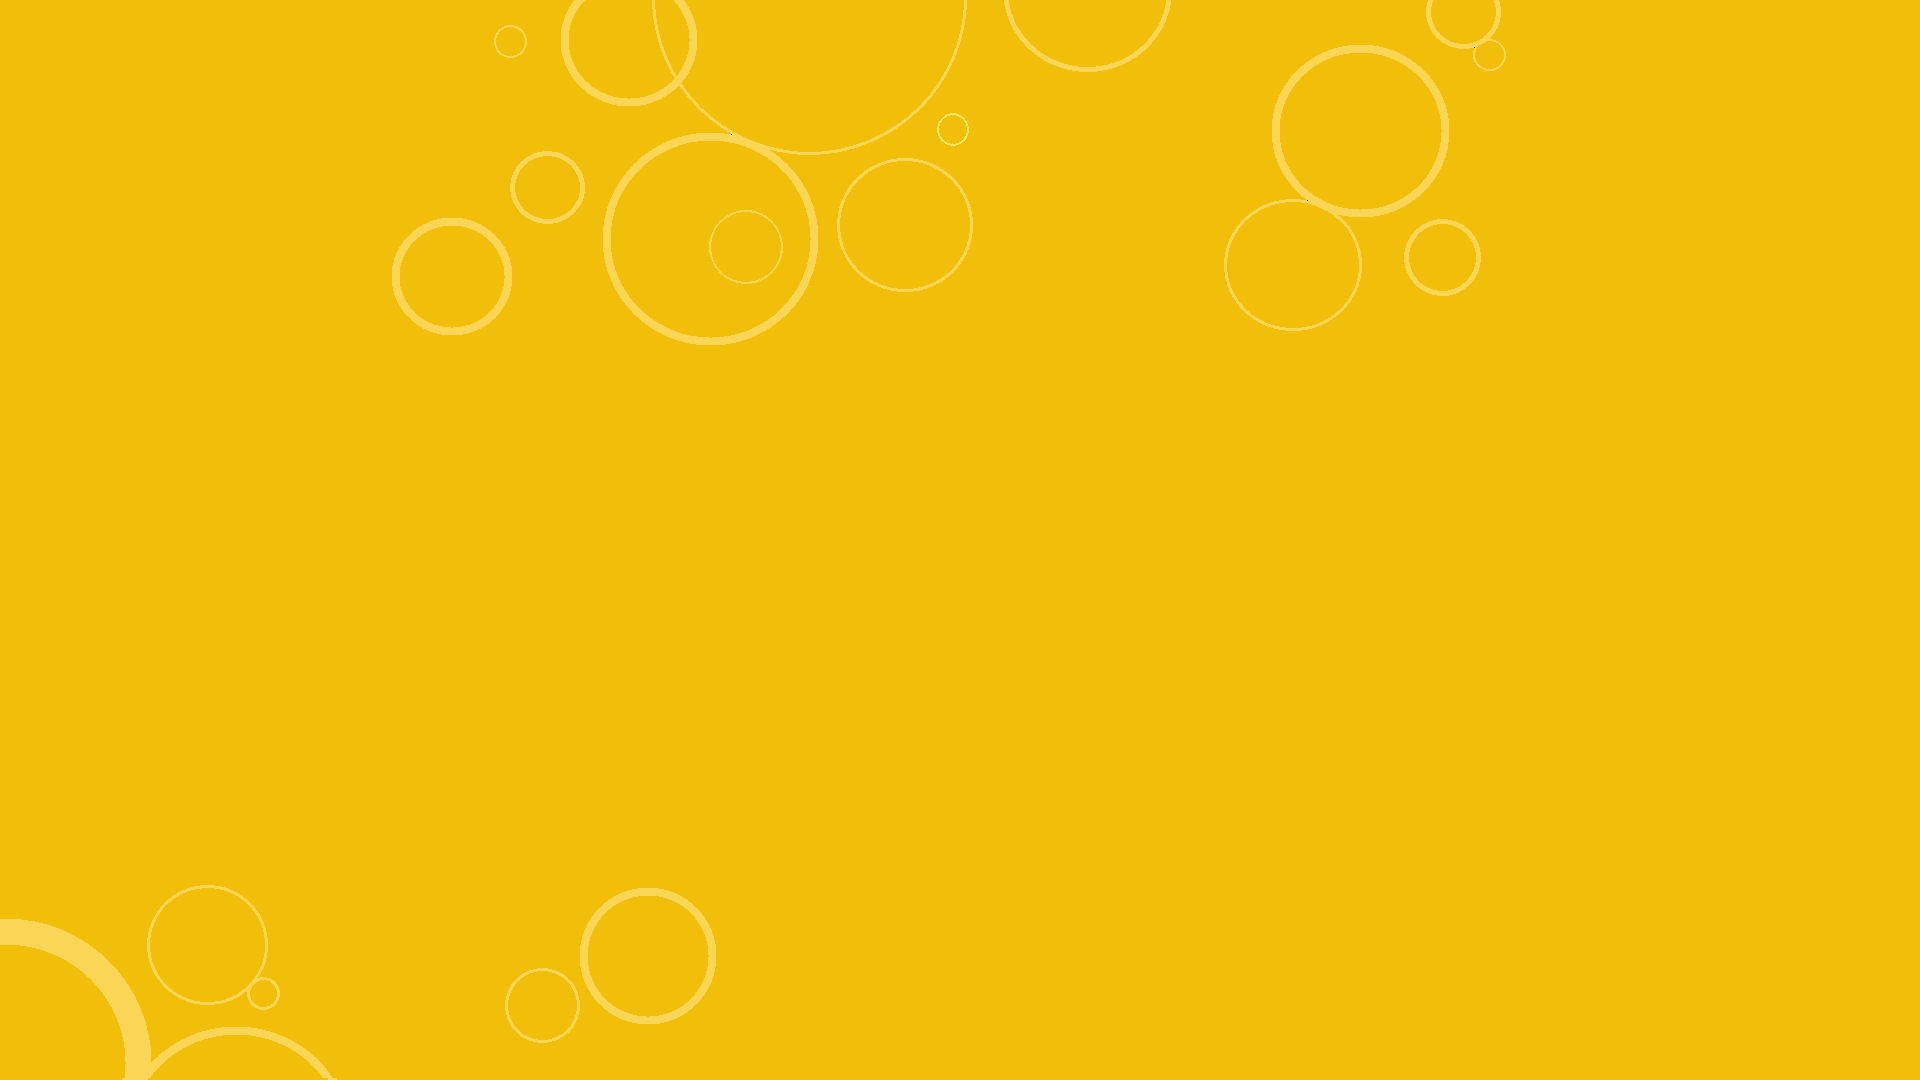 بالصور خلفية صفراء , الاصفر هو الافضل لخلفياتك 1818